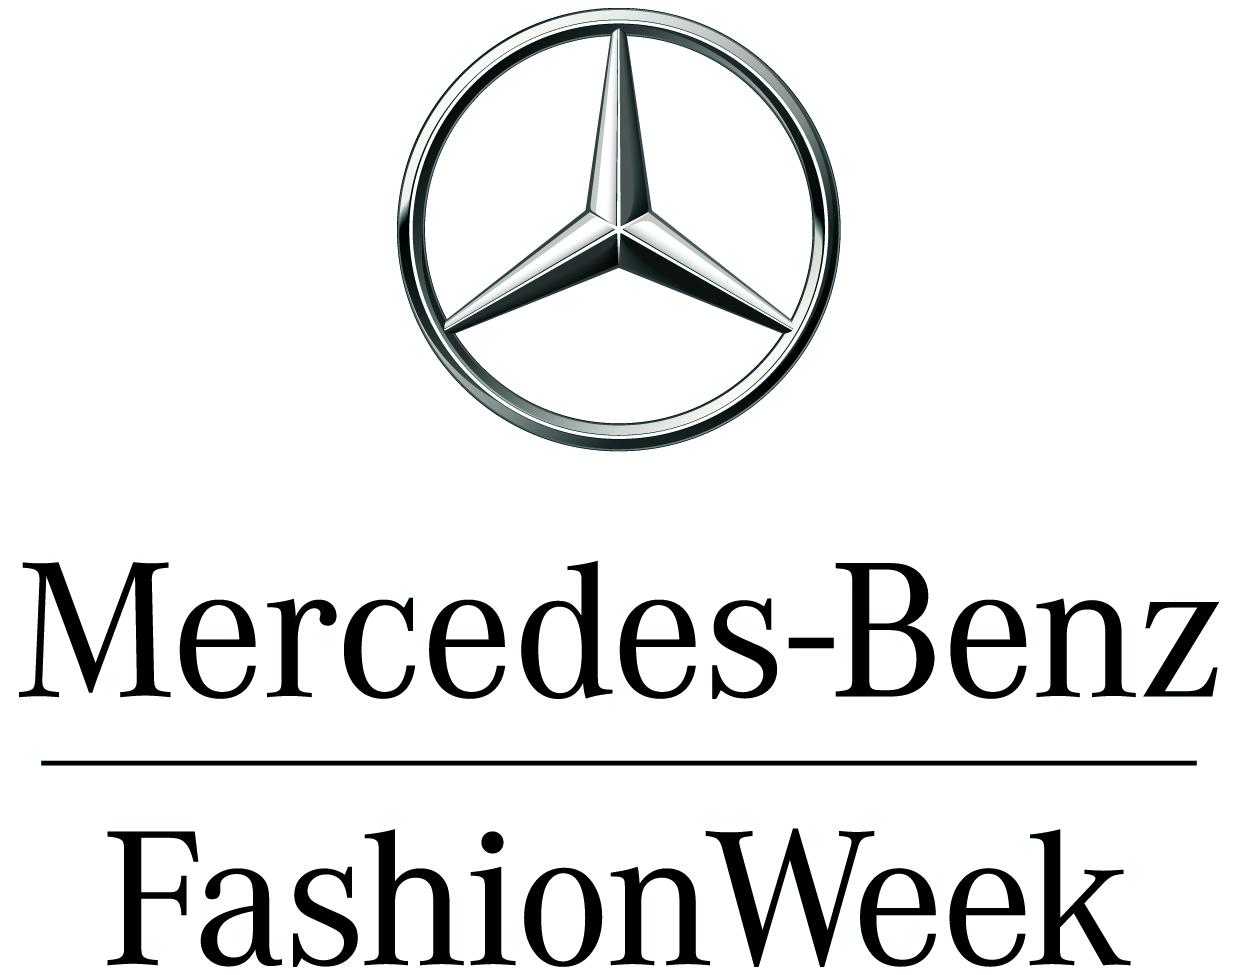 mercedes-benz-fashion-week-logo-lg.jpg